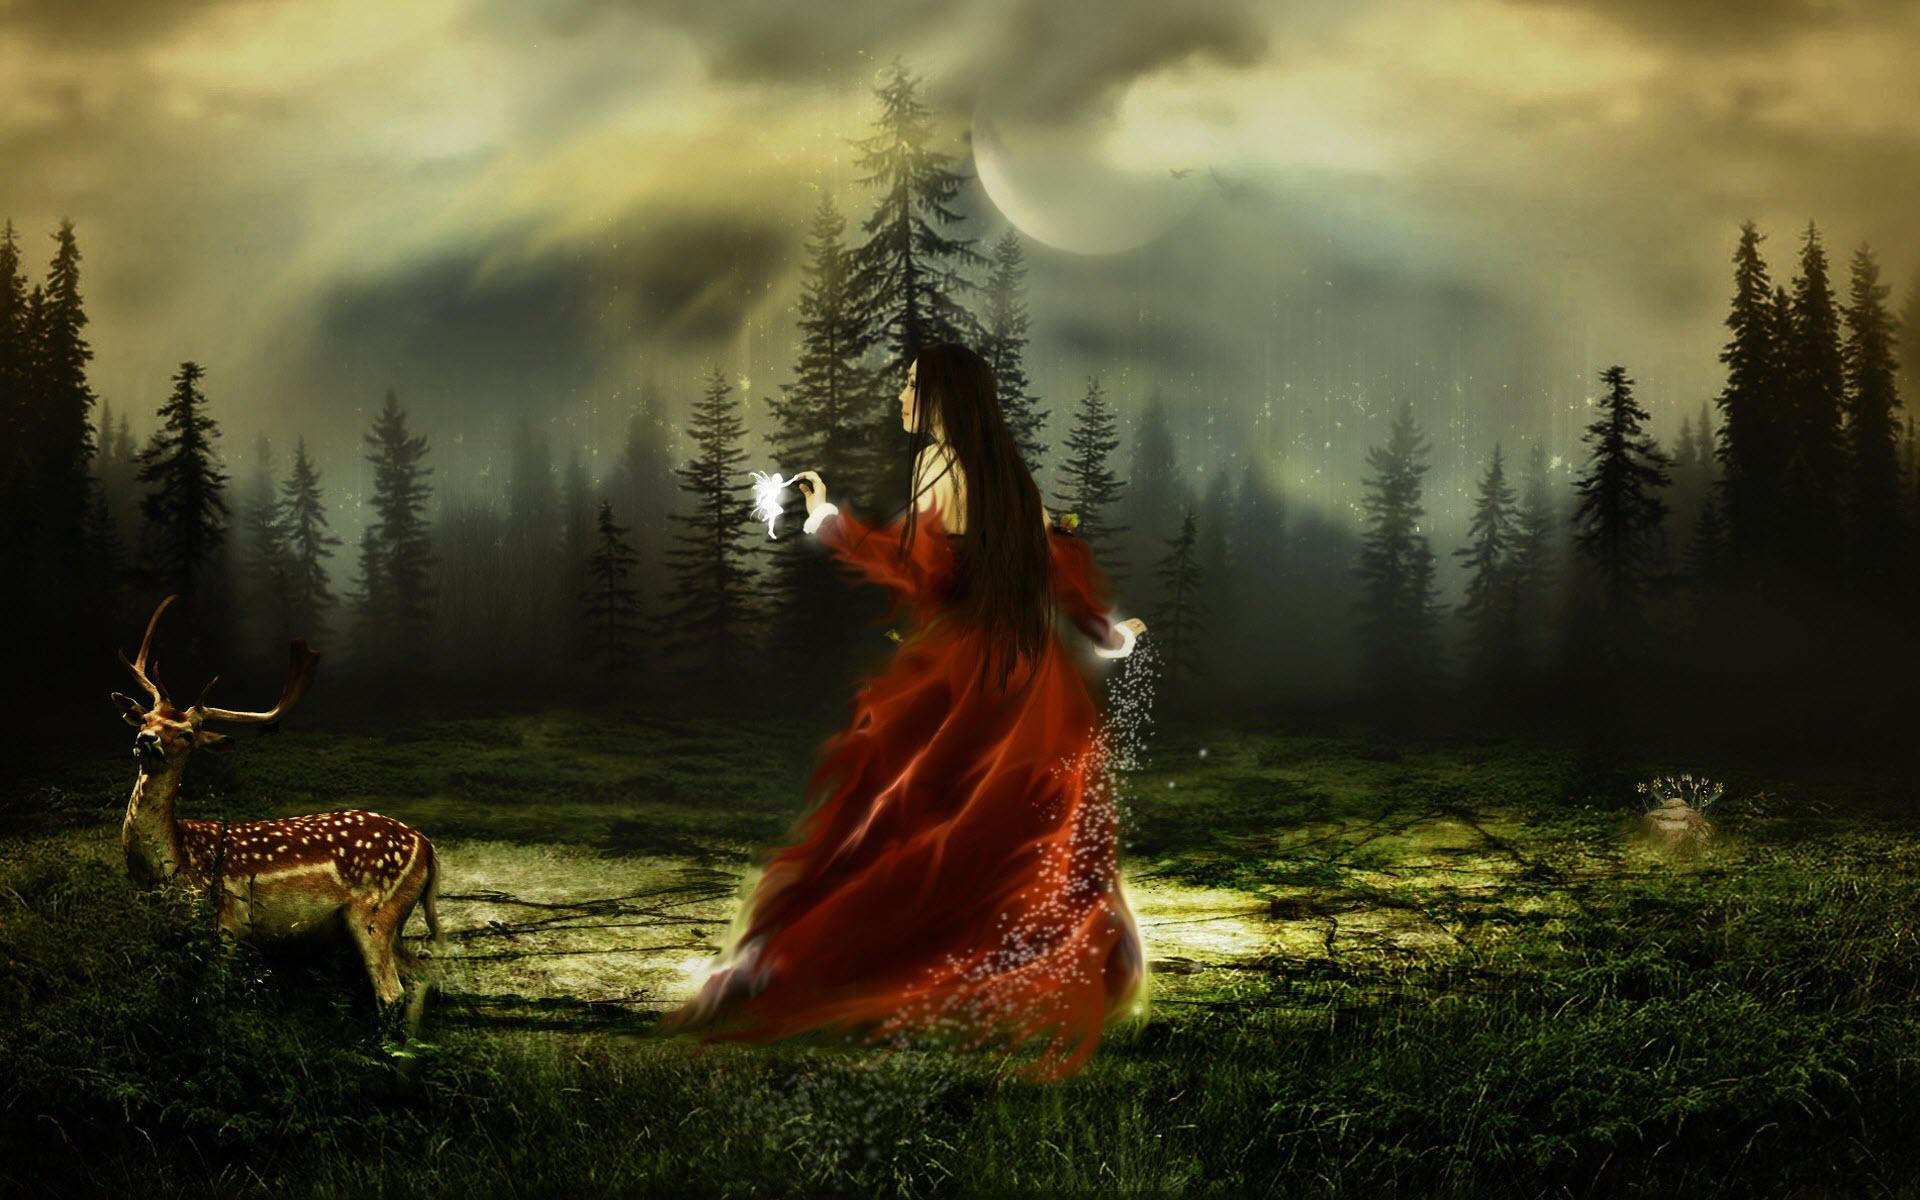 HD Fantasy Girl 3 Screensaver Backgrounds   Ventubecom 1920x1200